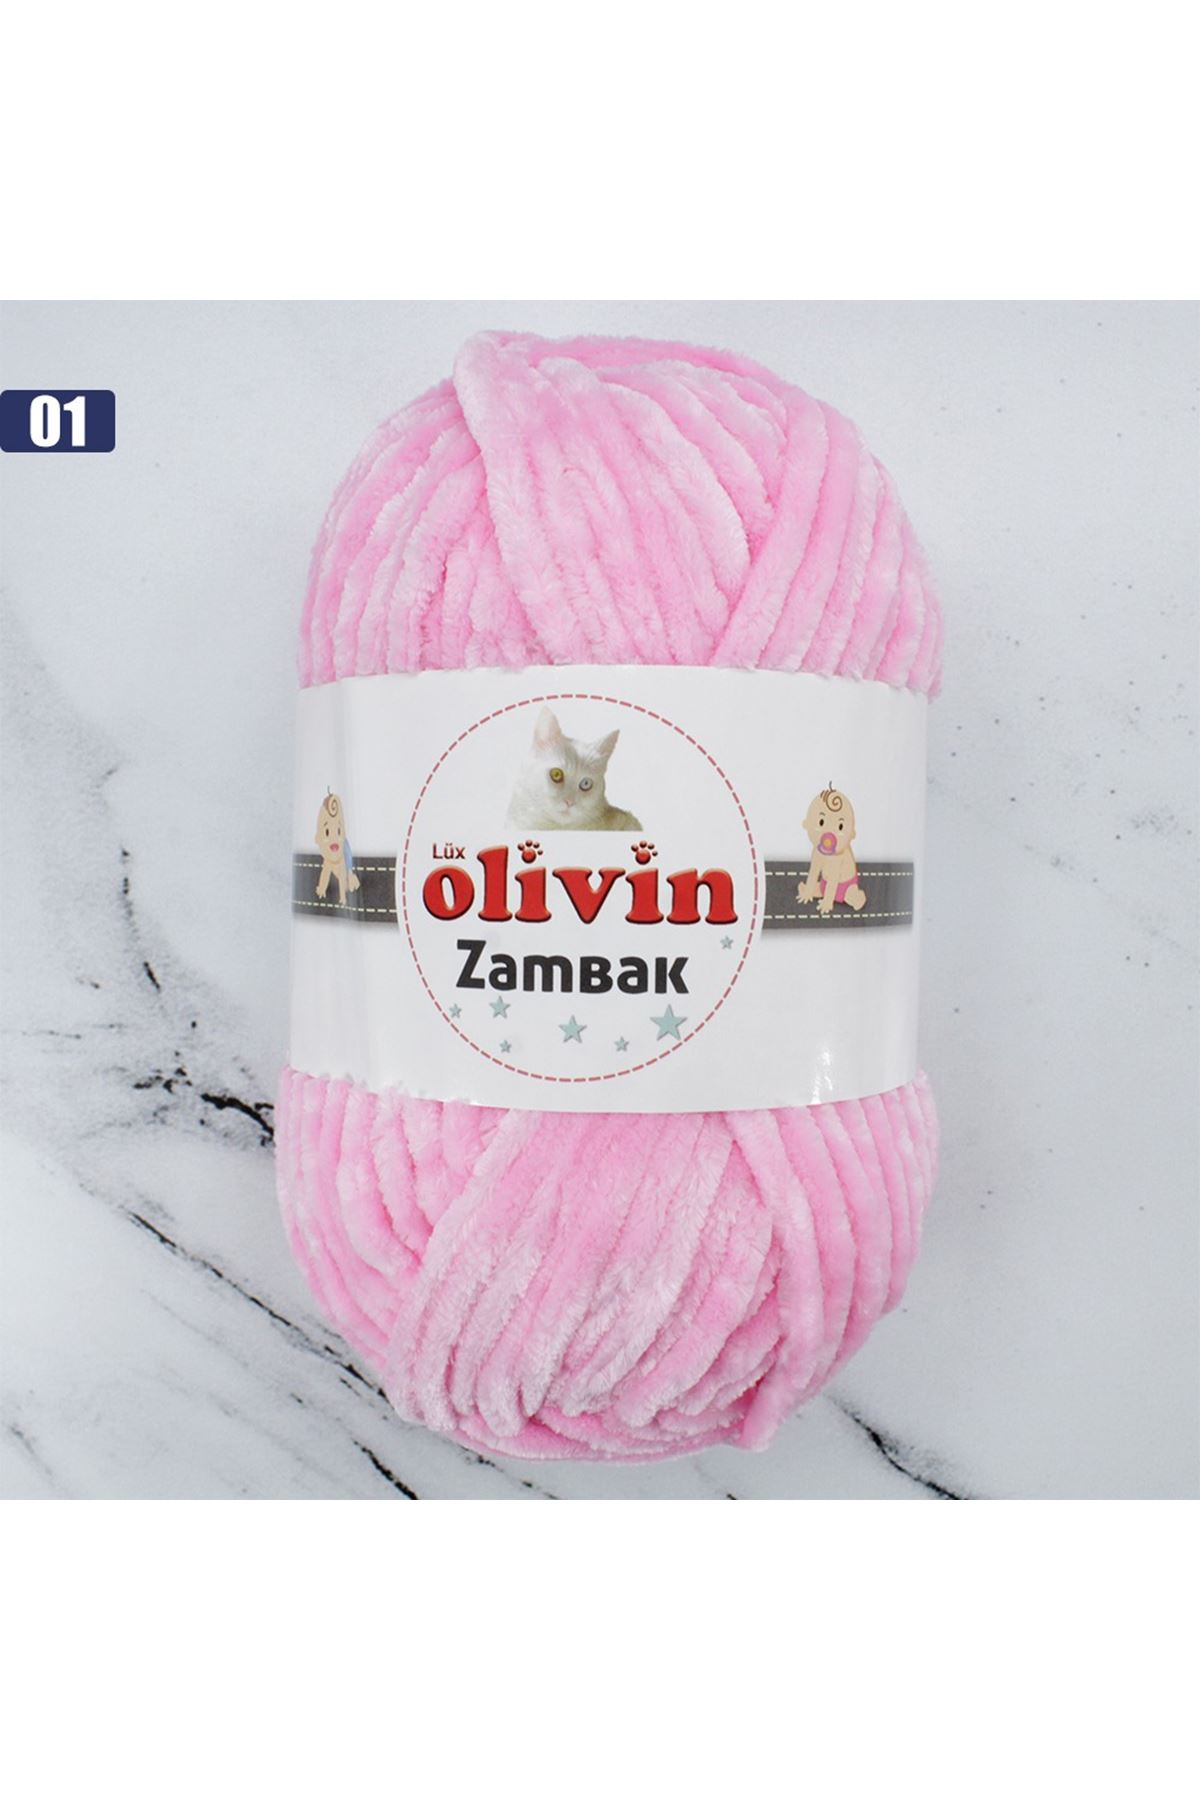 Olivin Zambak 01